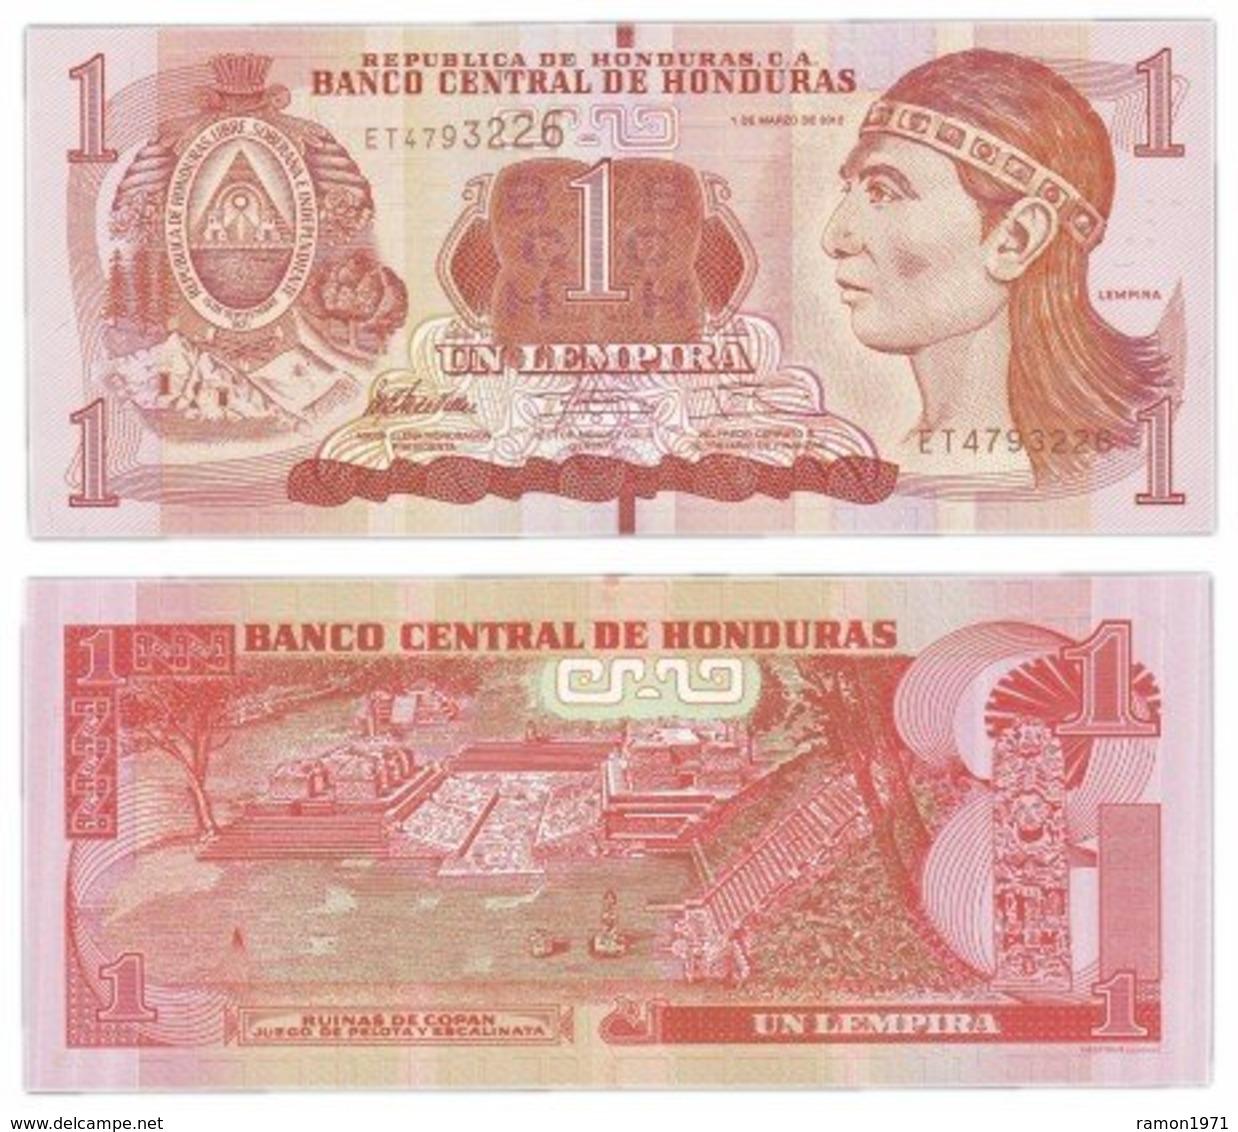 Honduras - 1 Lempira 2012 UNC - Armenia